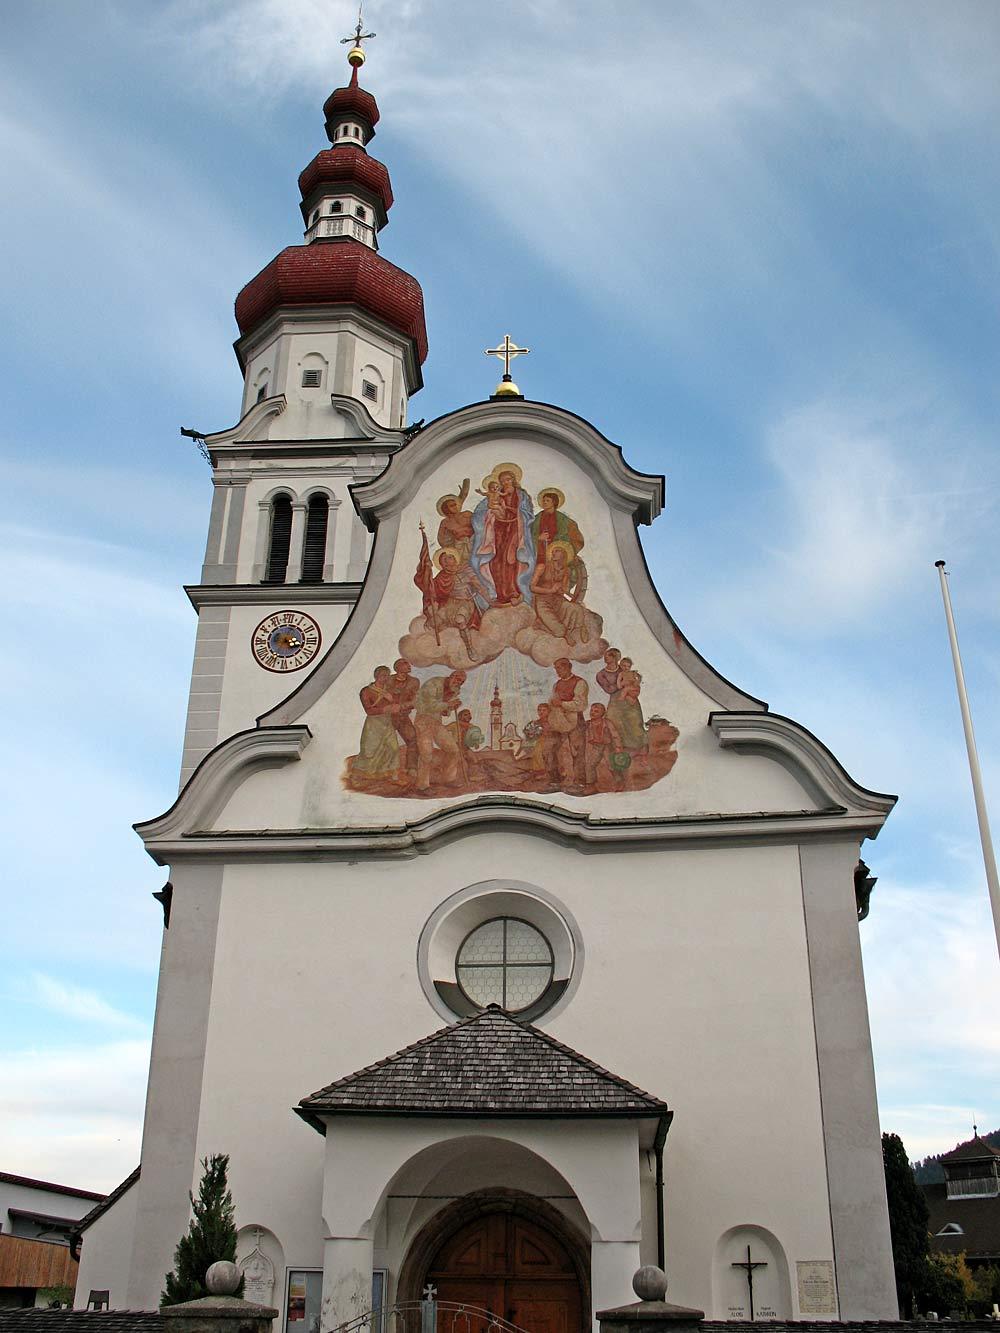 Außenansicht der katholischen Pfarrkirche St. Viktor und Maria Magdalena in Kematen in Tirol